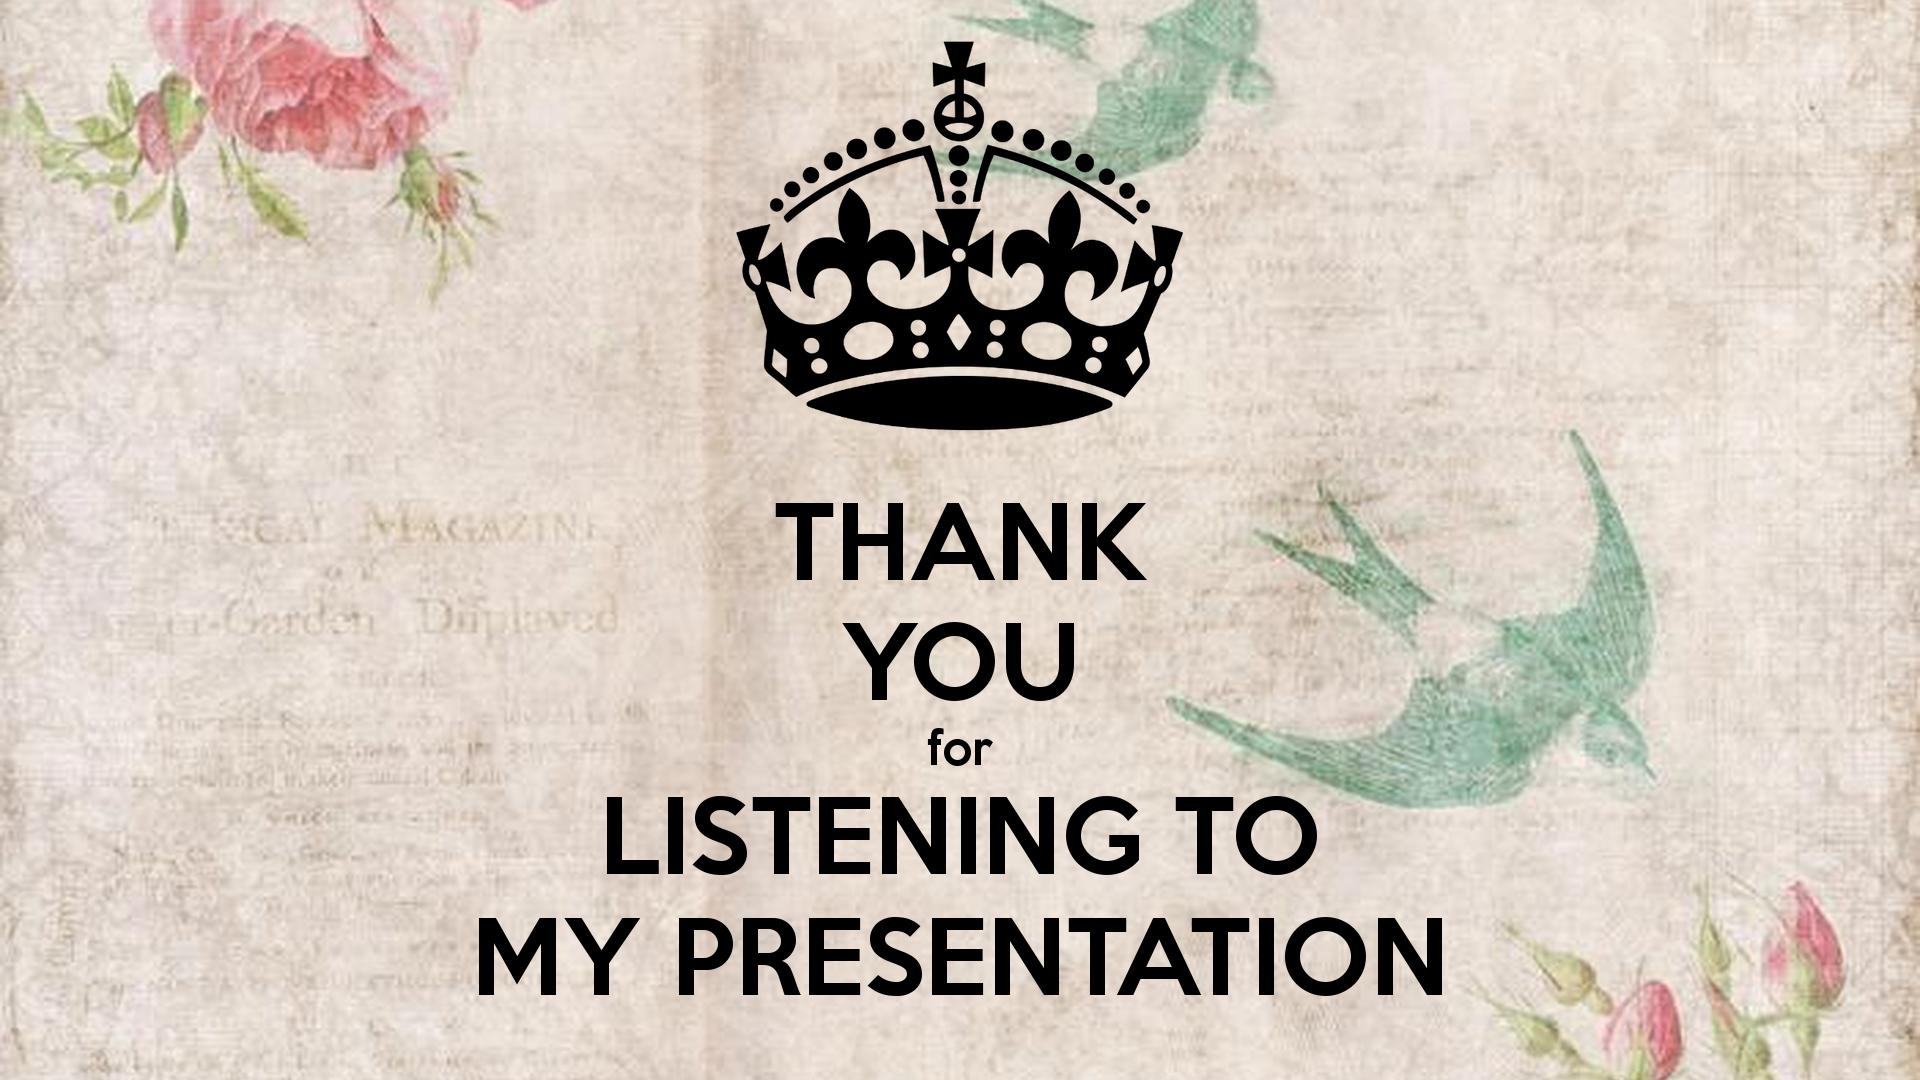 Hình ảnh cảm ơn đã lắng nghe bằng tiếng Anh